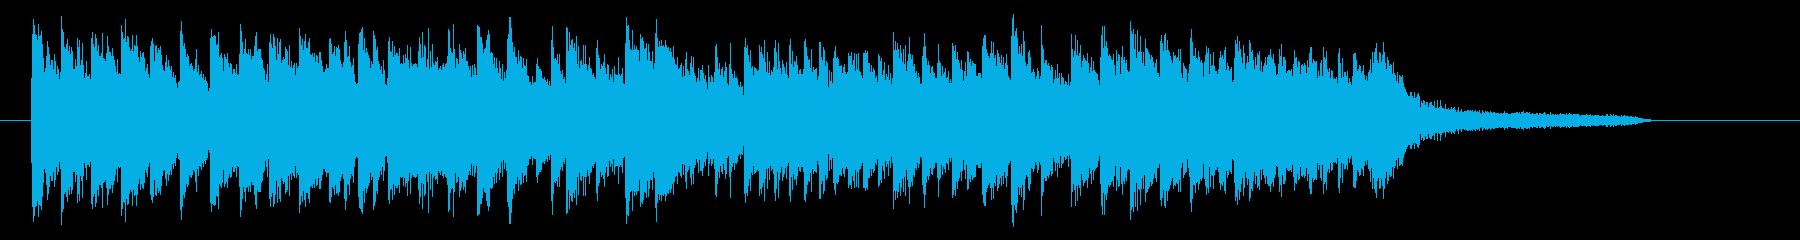 桜・卒業式 優しく切ないピアノジングルBの再生済みの波形